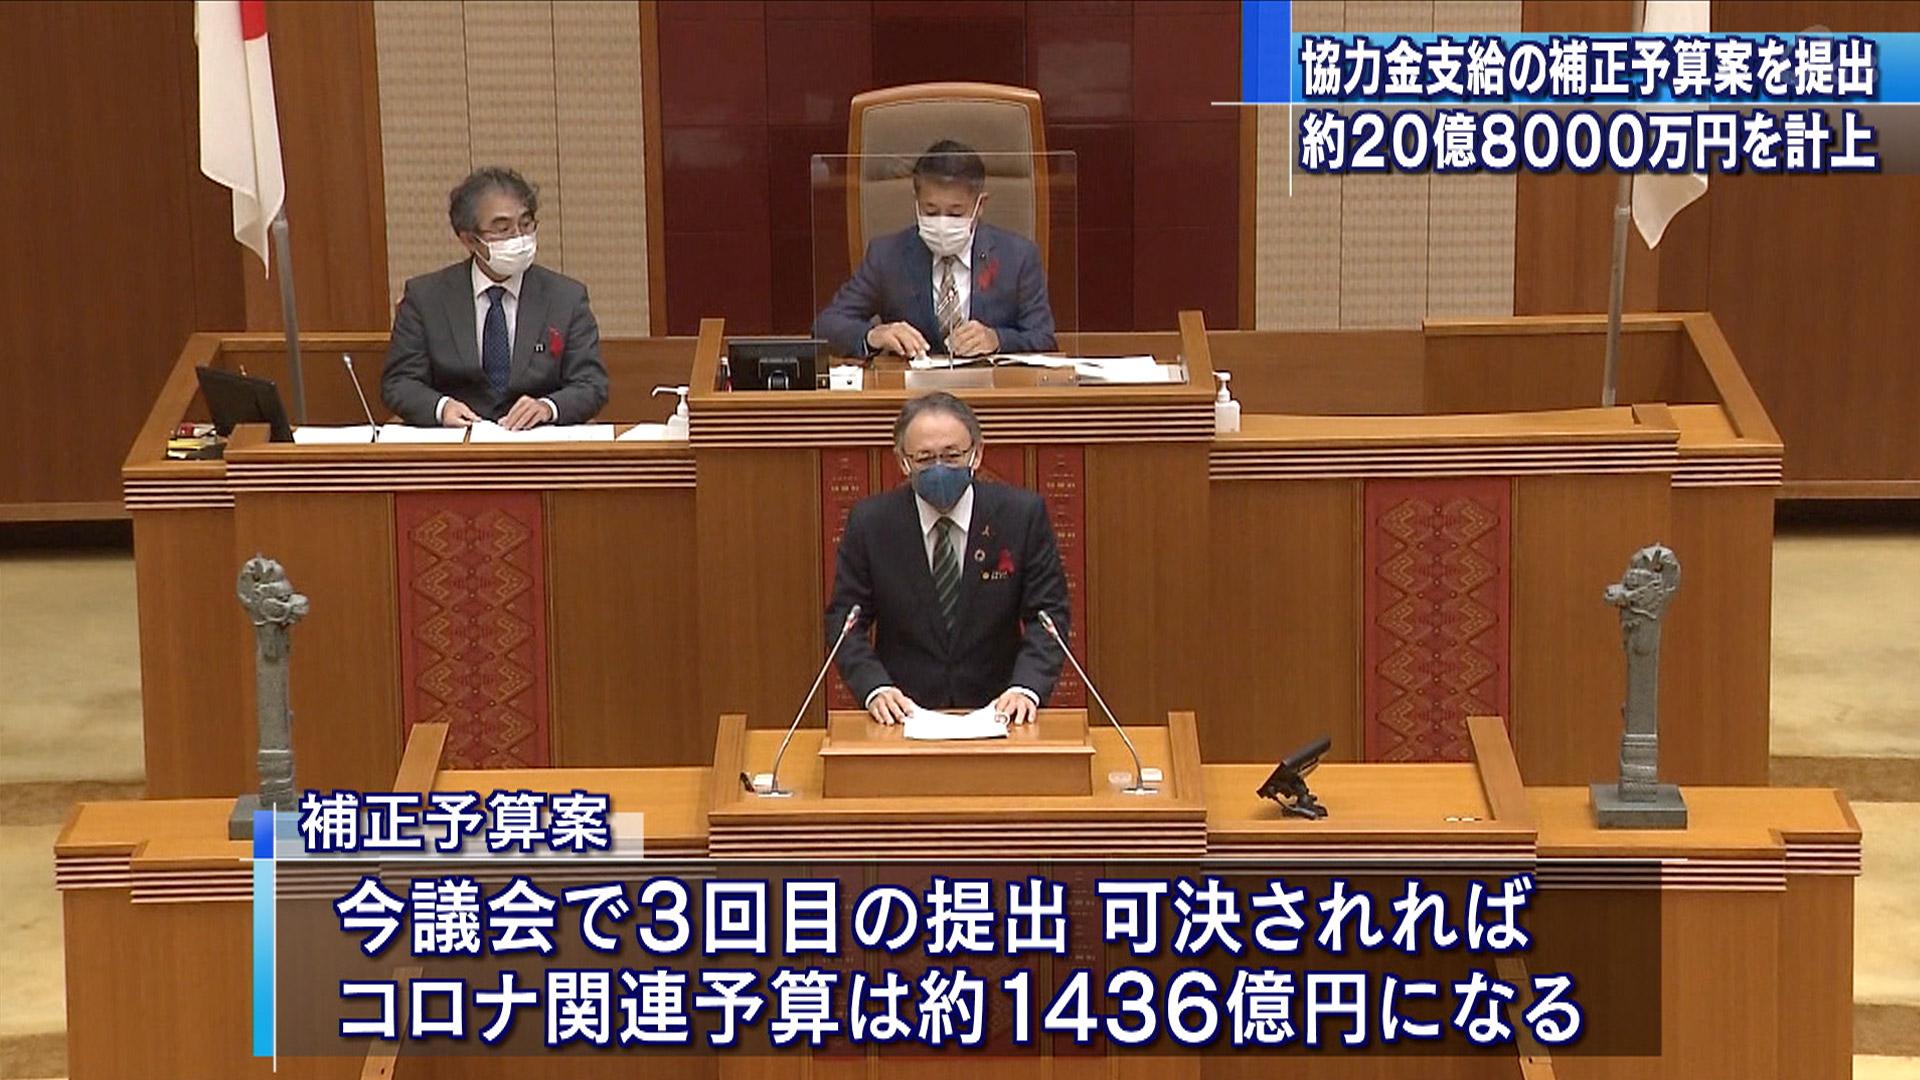 沖縄県 協力金支給の補正予算案を議会に提出